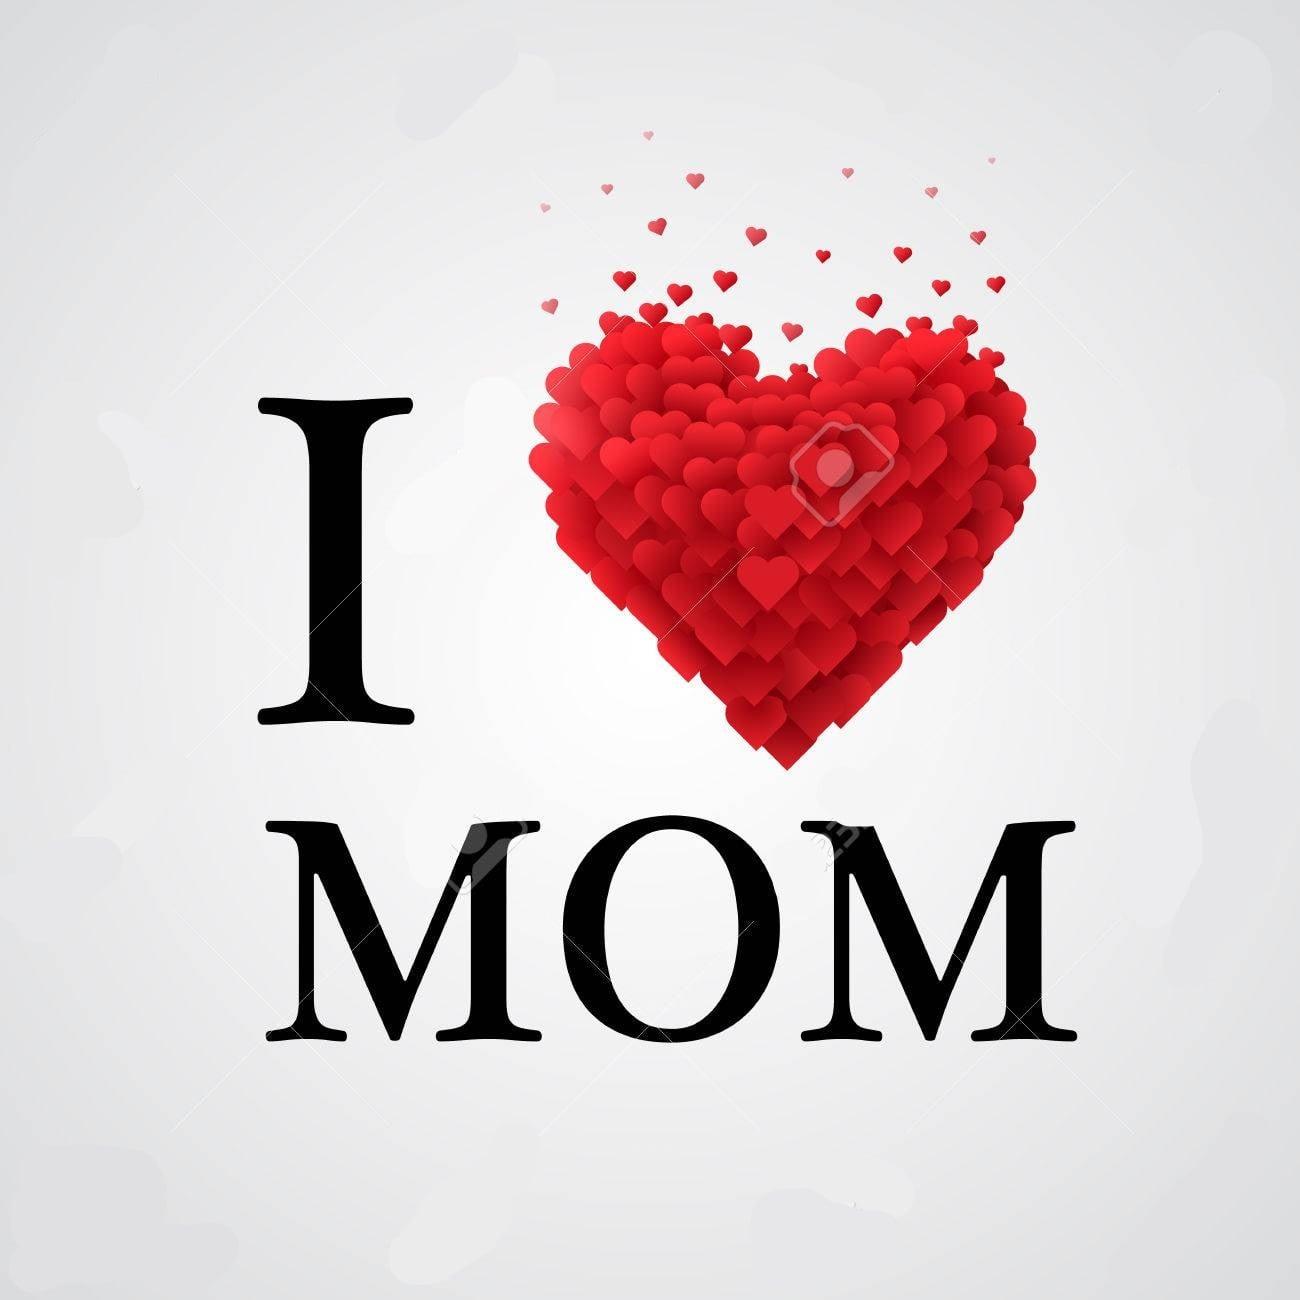 I Love You Mom Logo